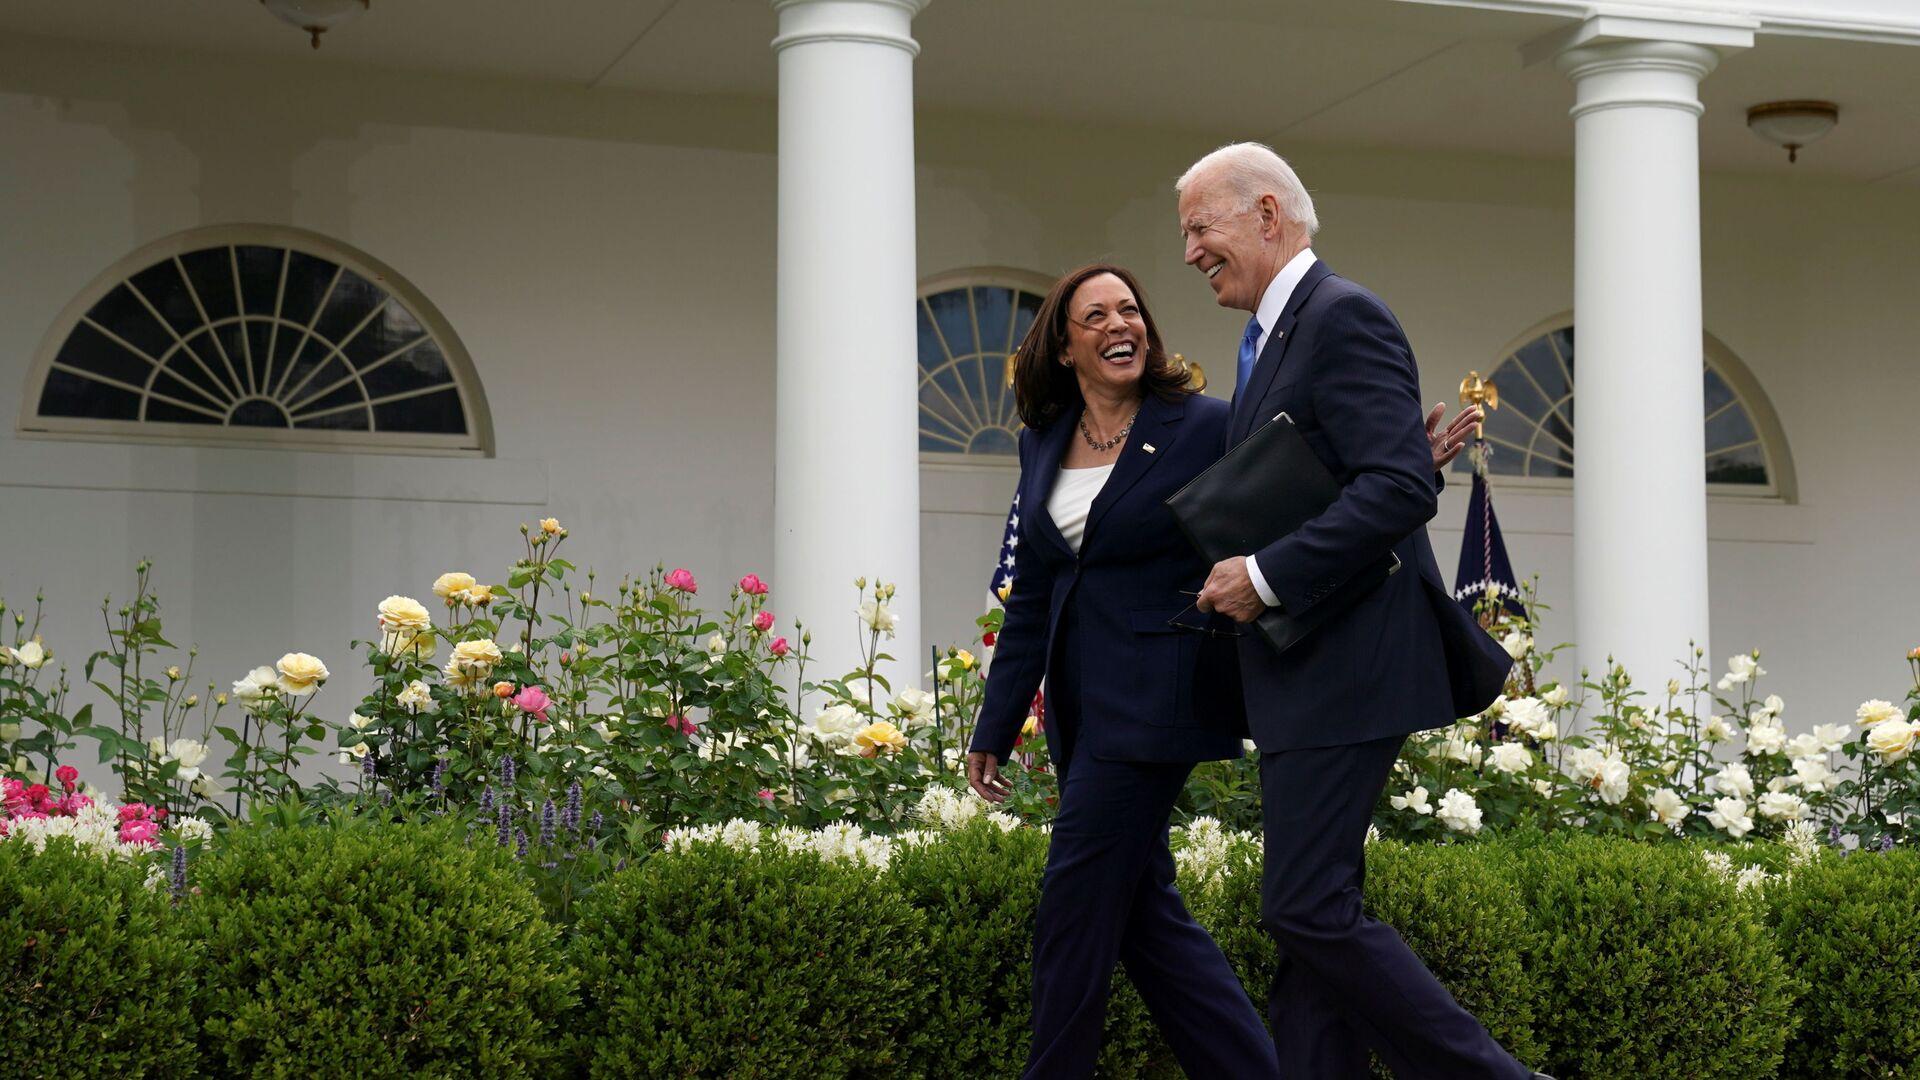 Prezident USA Joe Biden a viceprezidentka Kamala Harrisová - Sputnik Česká republika, 1920, 18.05.2021